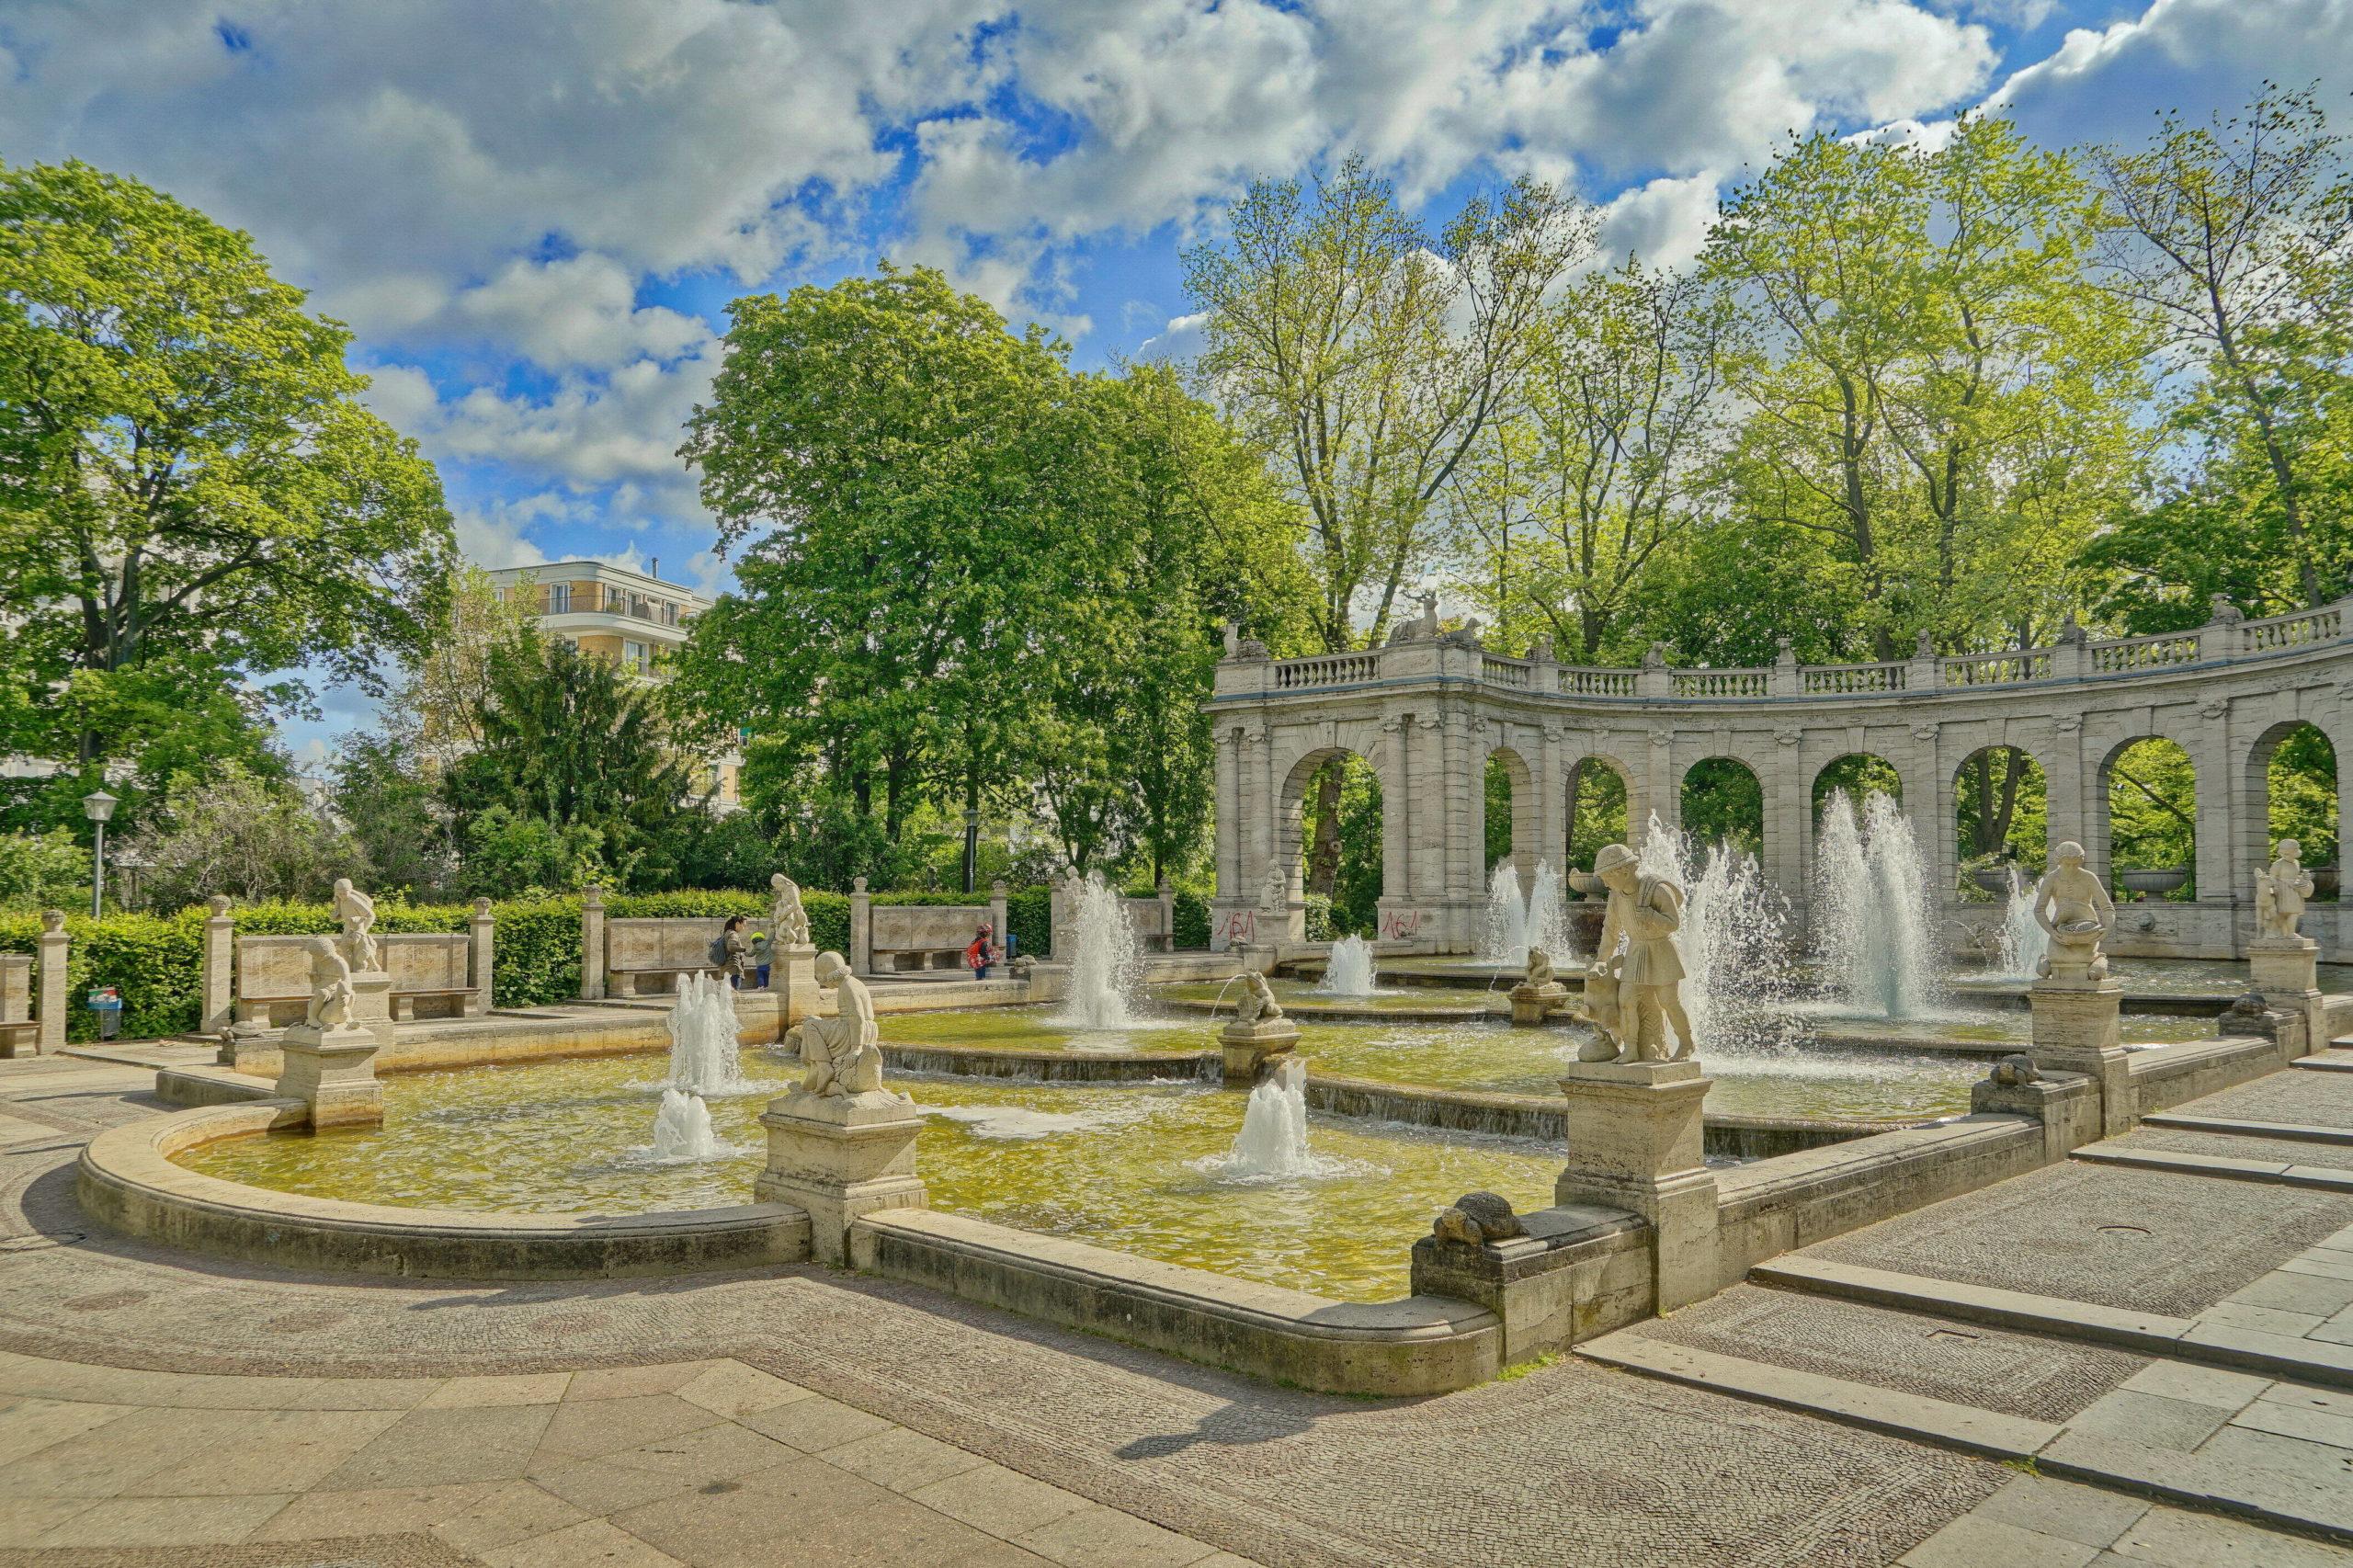 Märchen Berlin Der zauberhafte Märchenbrunnen im Volkspark Friedrichshain ist den schönsten Märchen der Gebrüder Grimm gewidmet: Am Beckenrand stehen und sitzen zum Beispiel Aschenputtel und die sieben Raben.